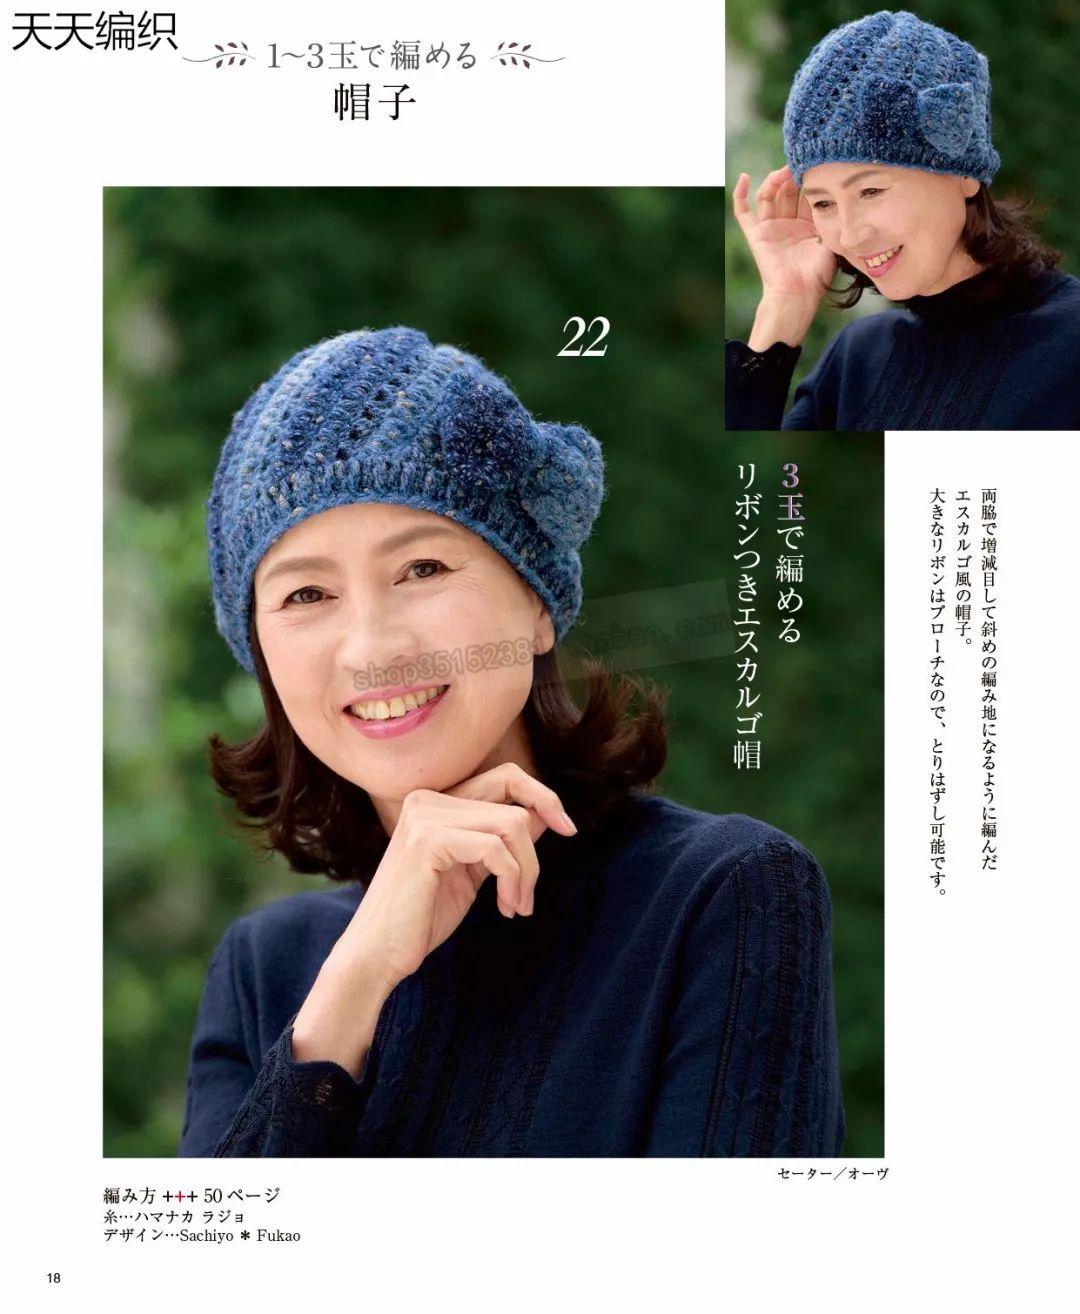 优雅美丽的钩针帽子